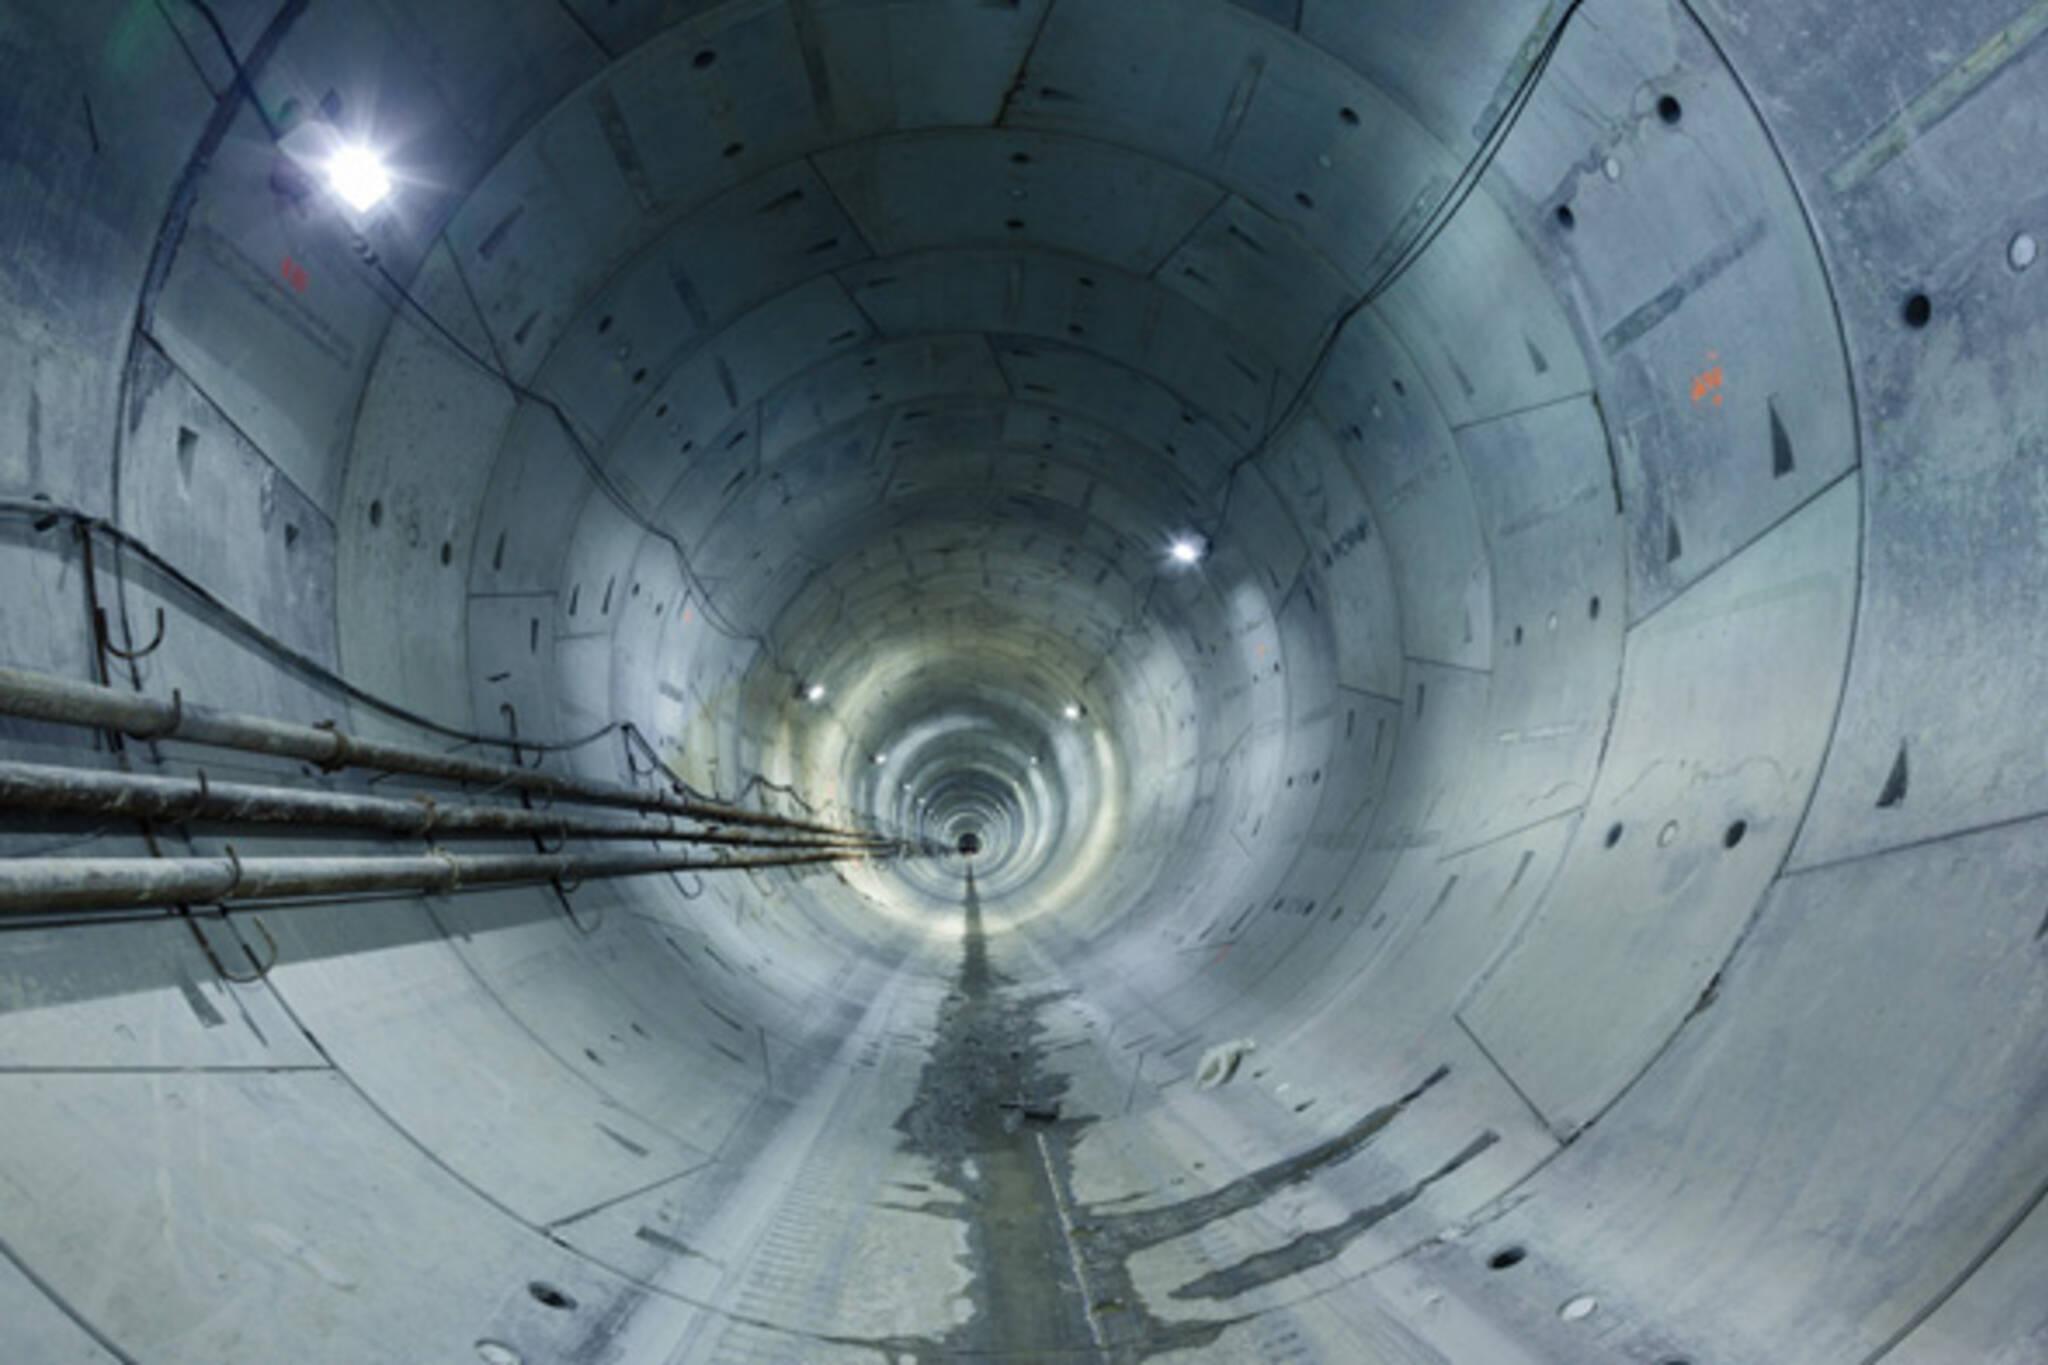 TTC Spadina Subway Extension